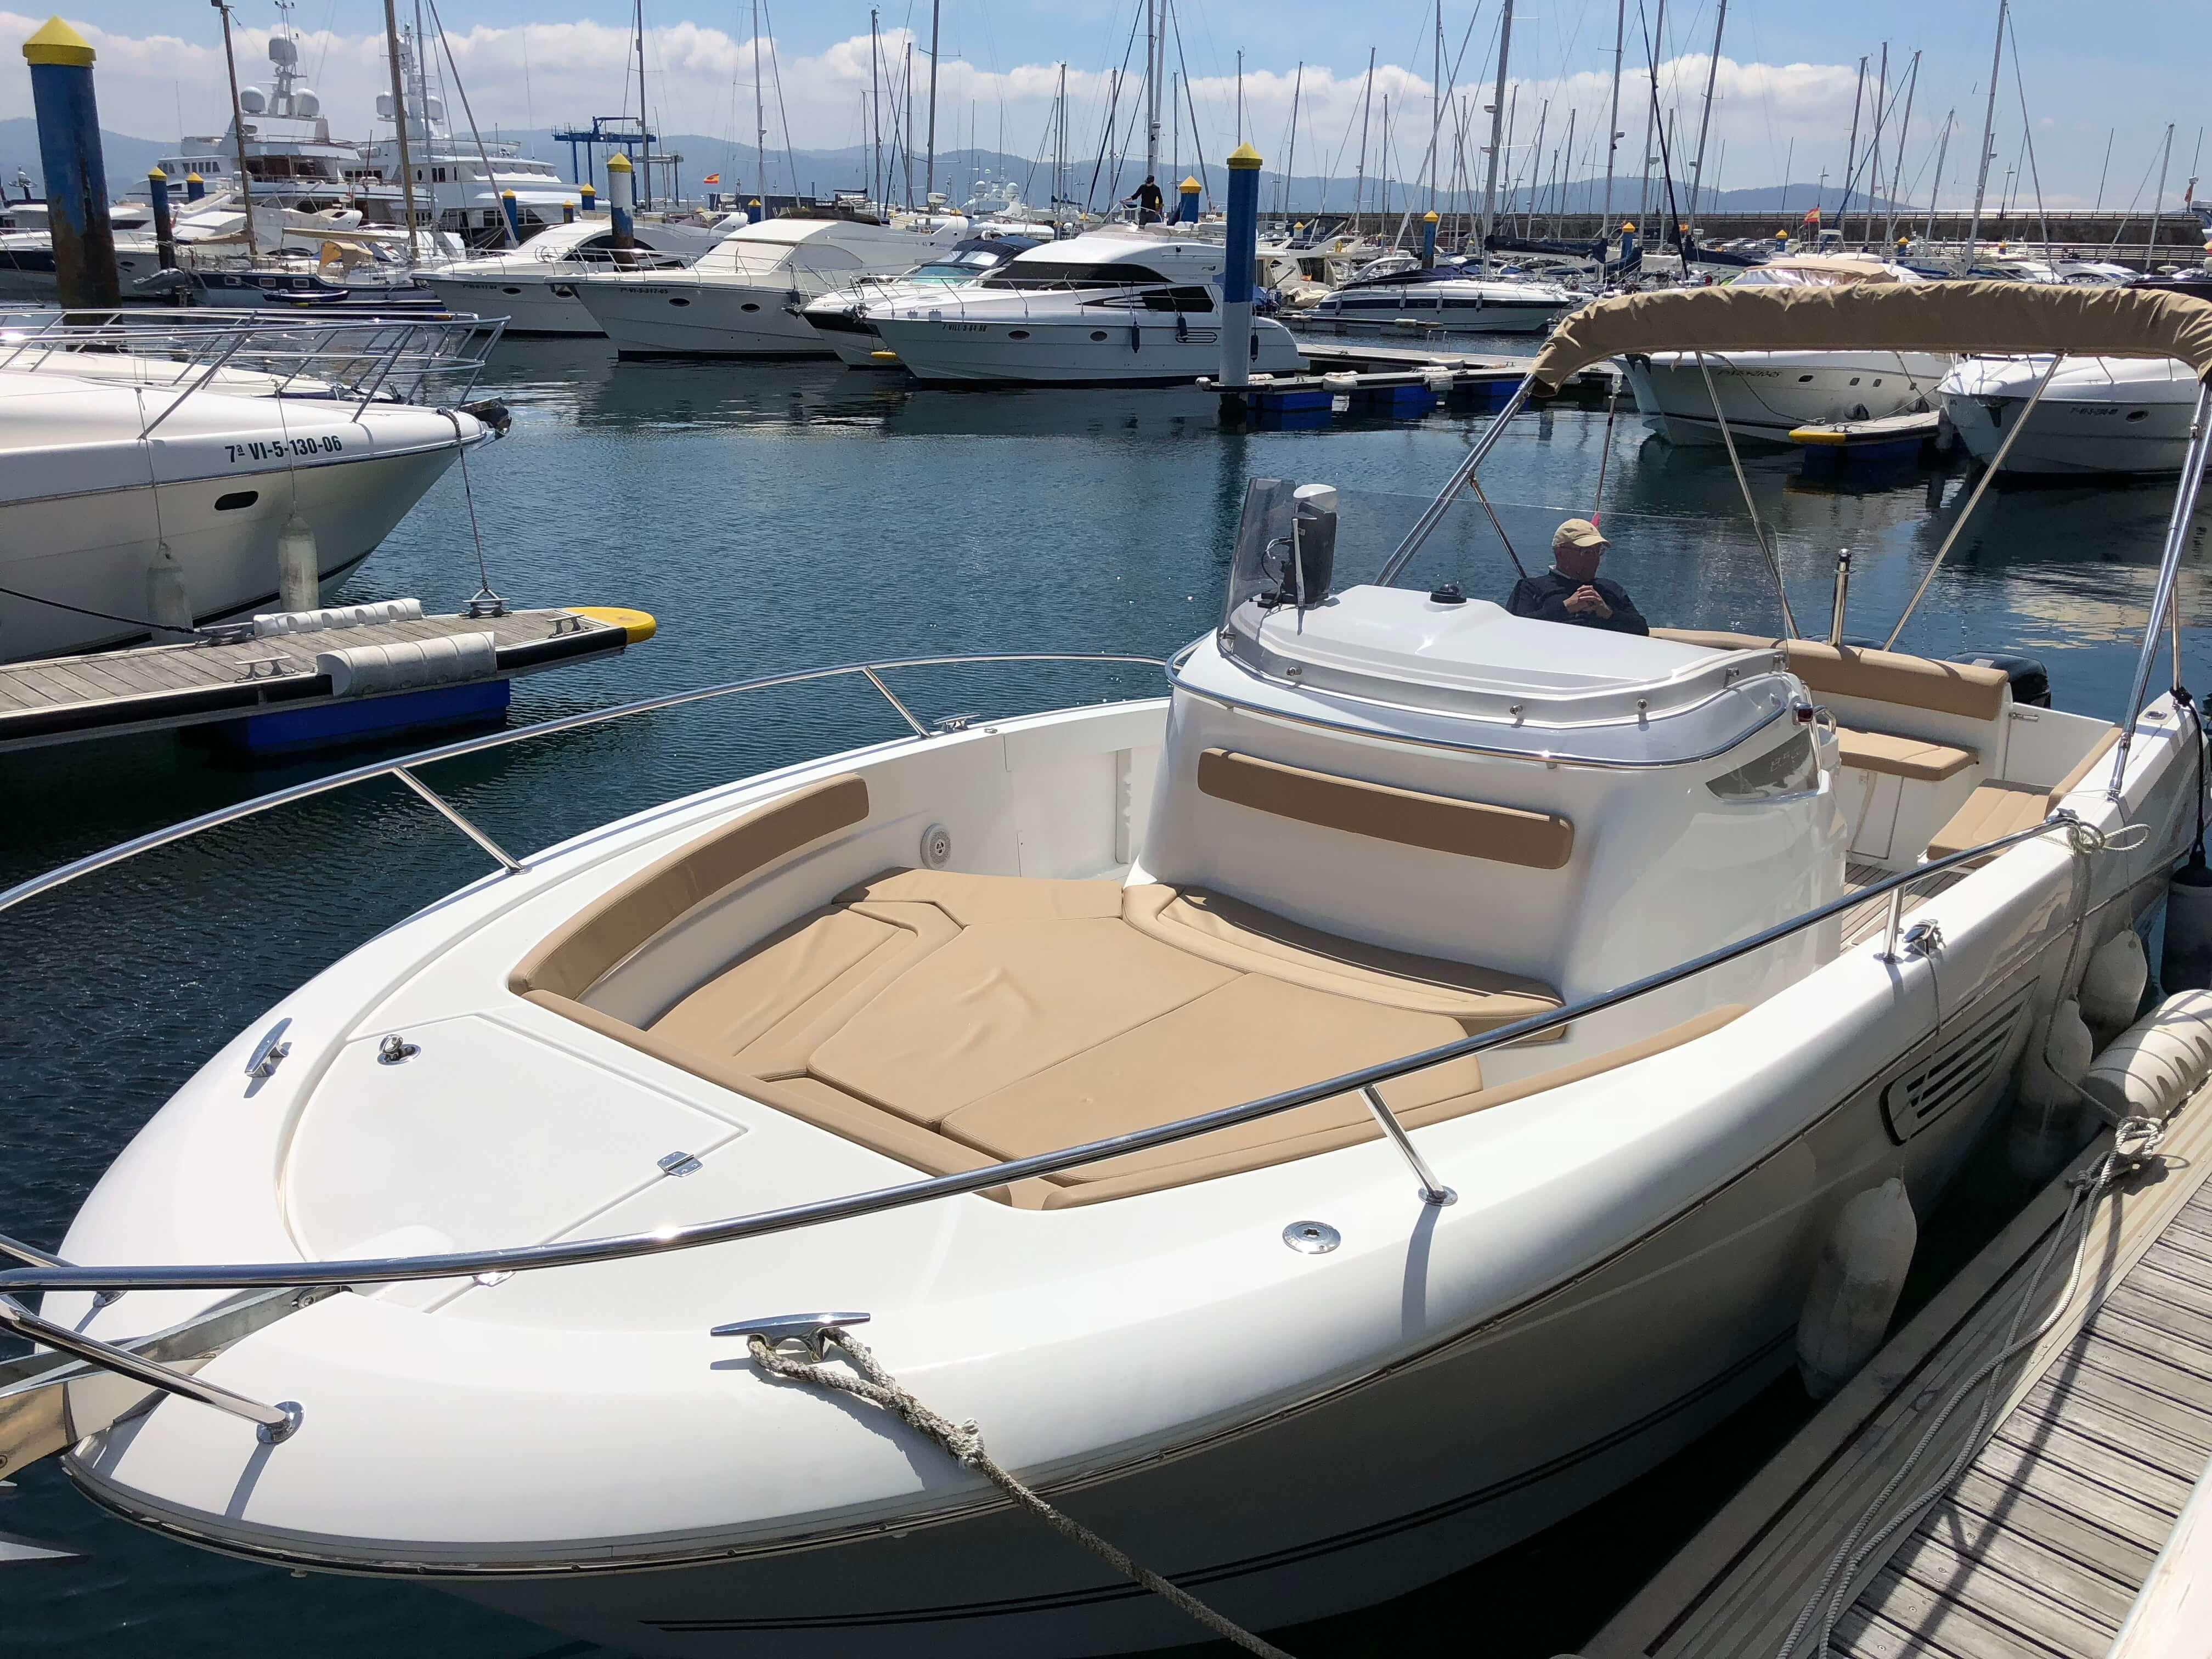 J850_proa_Sailway_charter_Ria_Vigo_Galicia